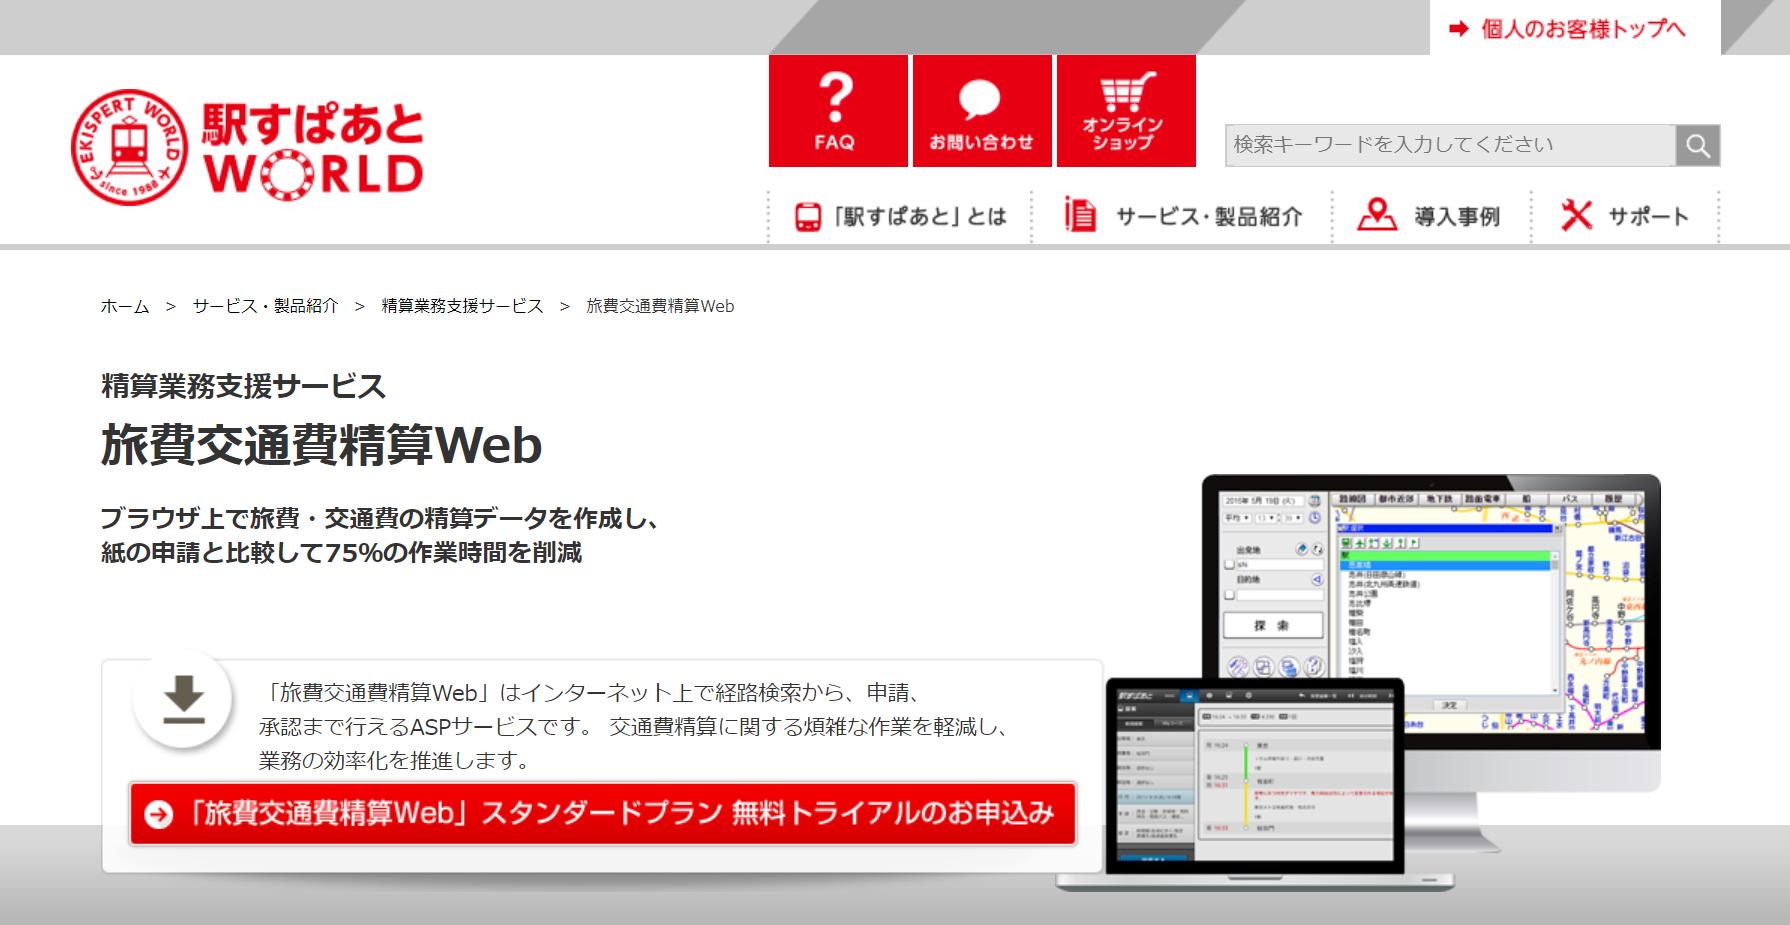 旅費交通費精算Web